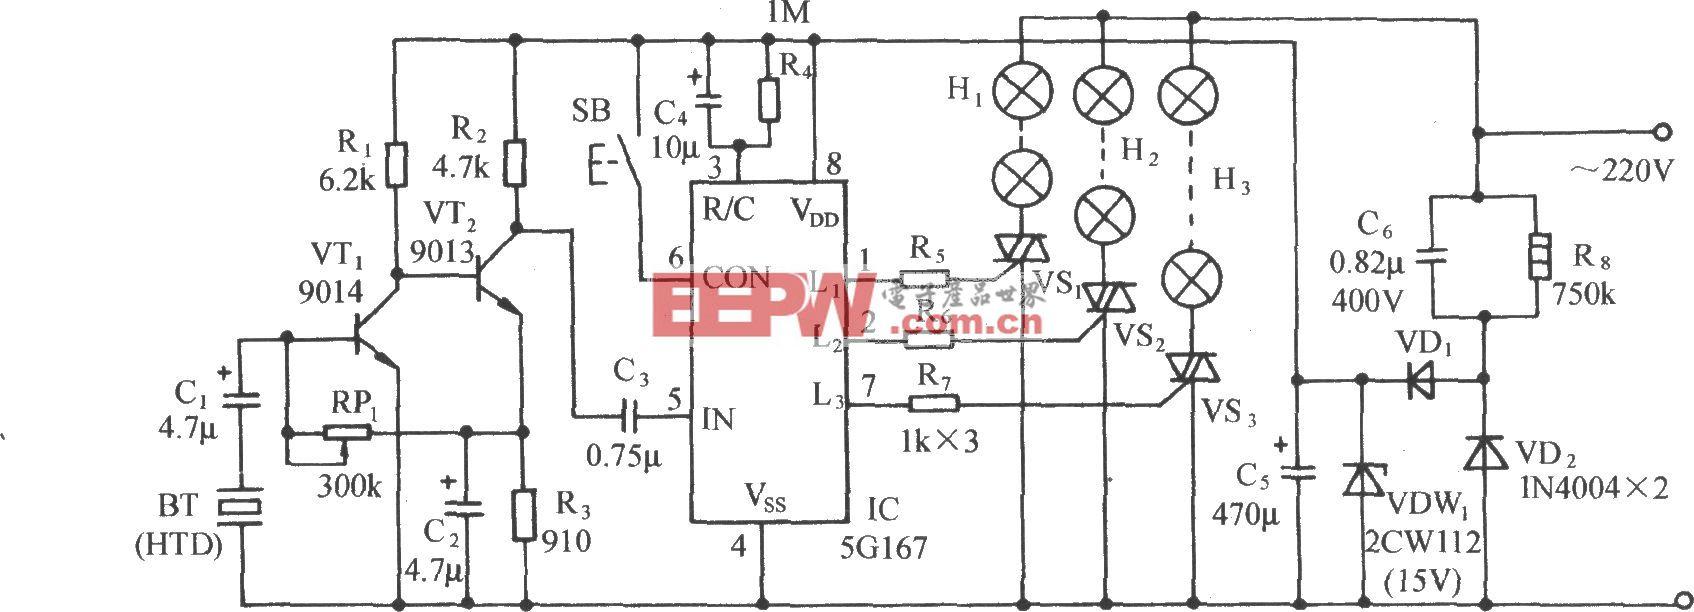 5G167音频压控双向流水彩灯控制电路